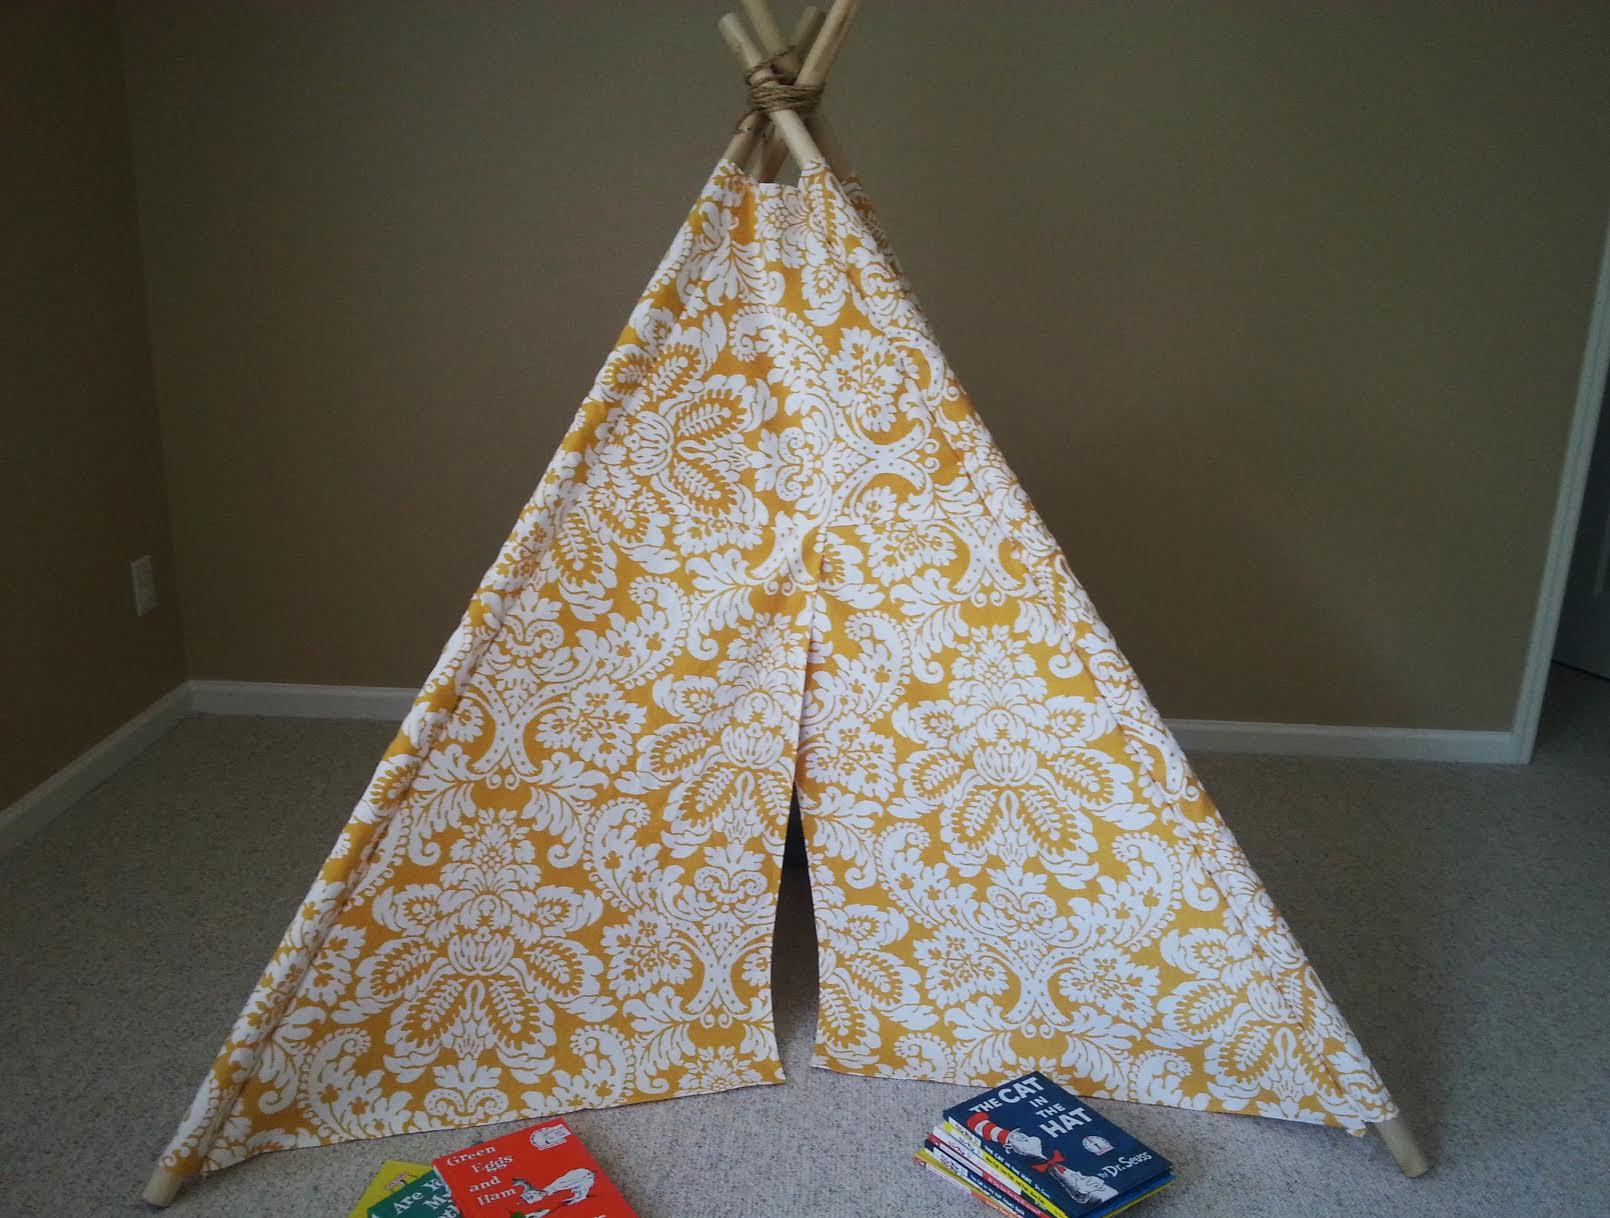 DIY Kids Teepee Tent Tutorial